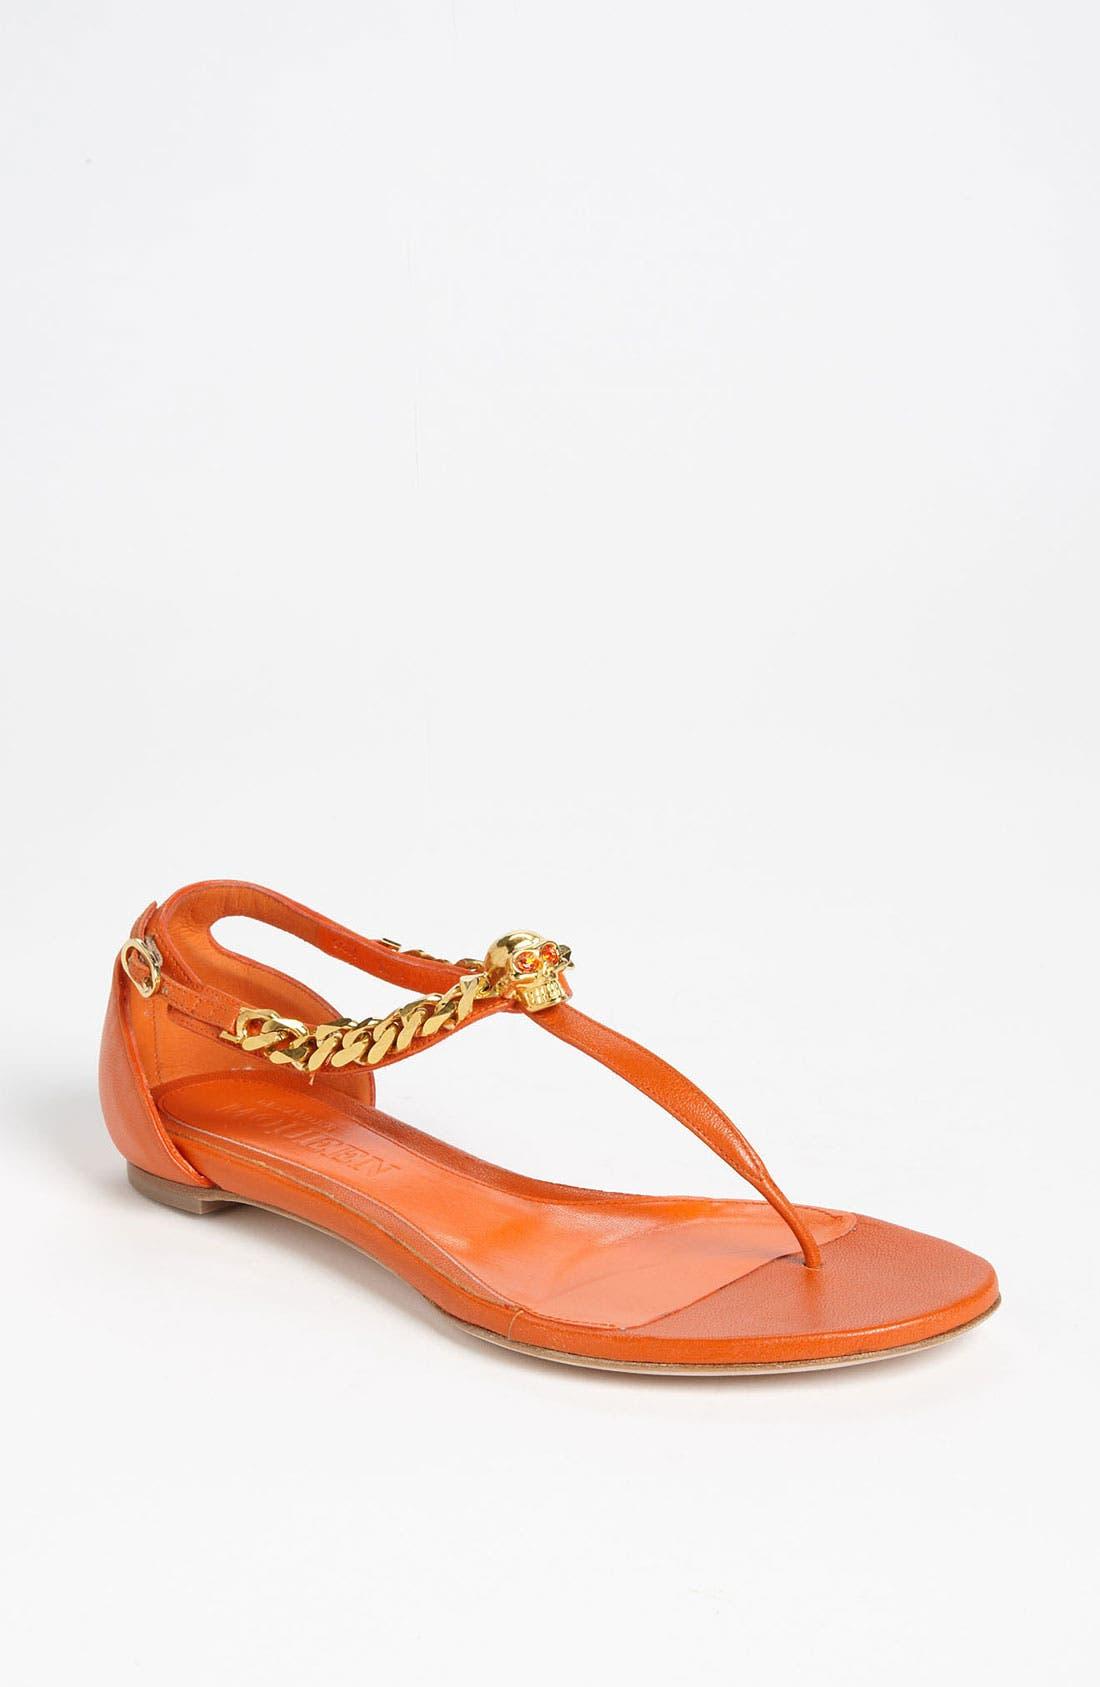 Main Image - Alexander McQueen Flat Sandal